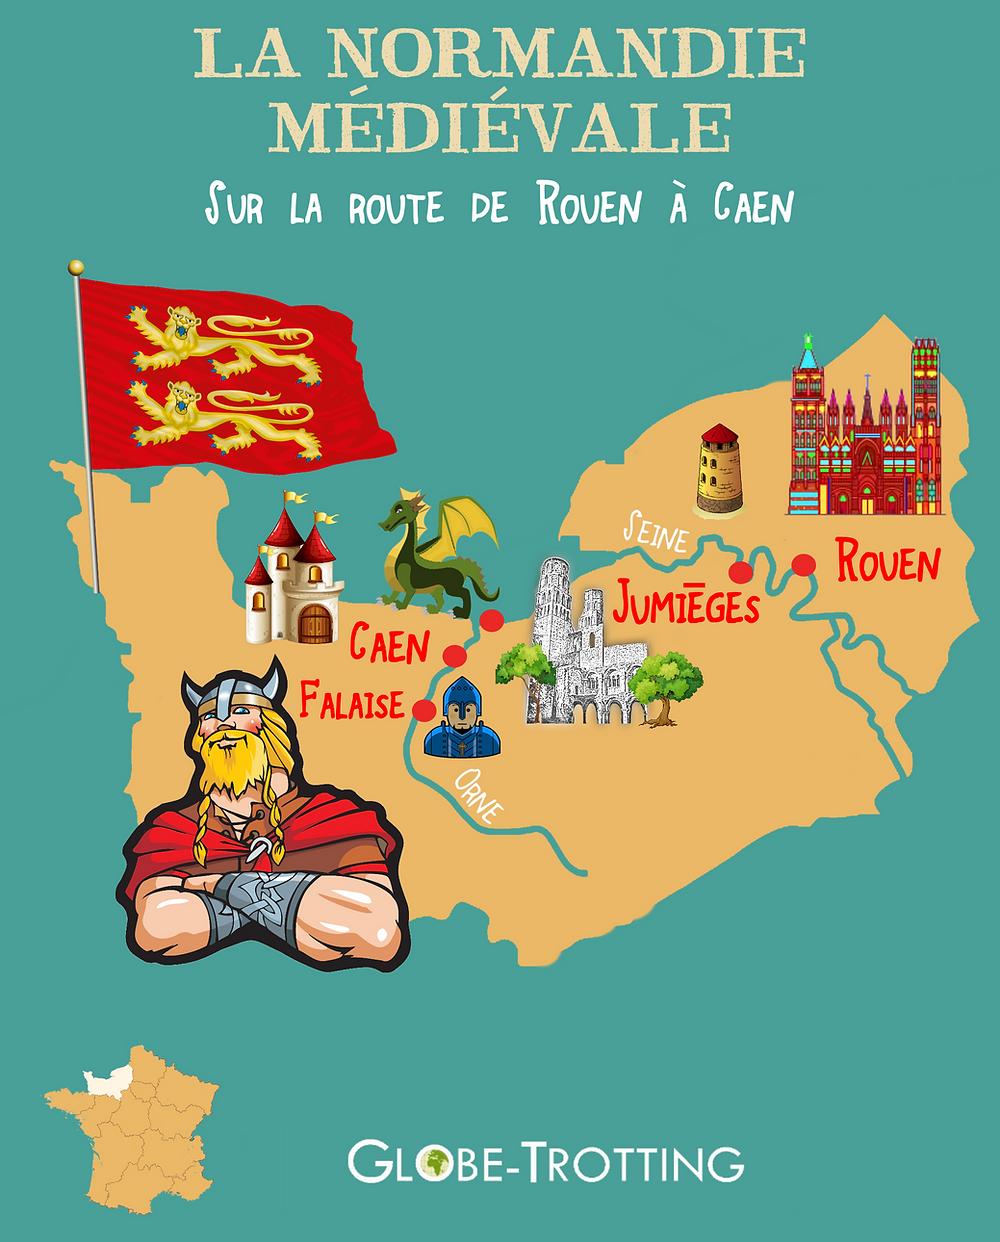 Carte touristique Normandie Médiévale